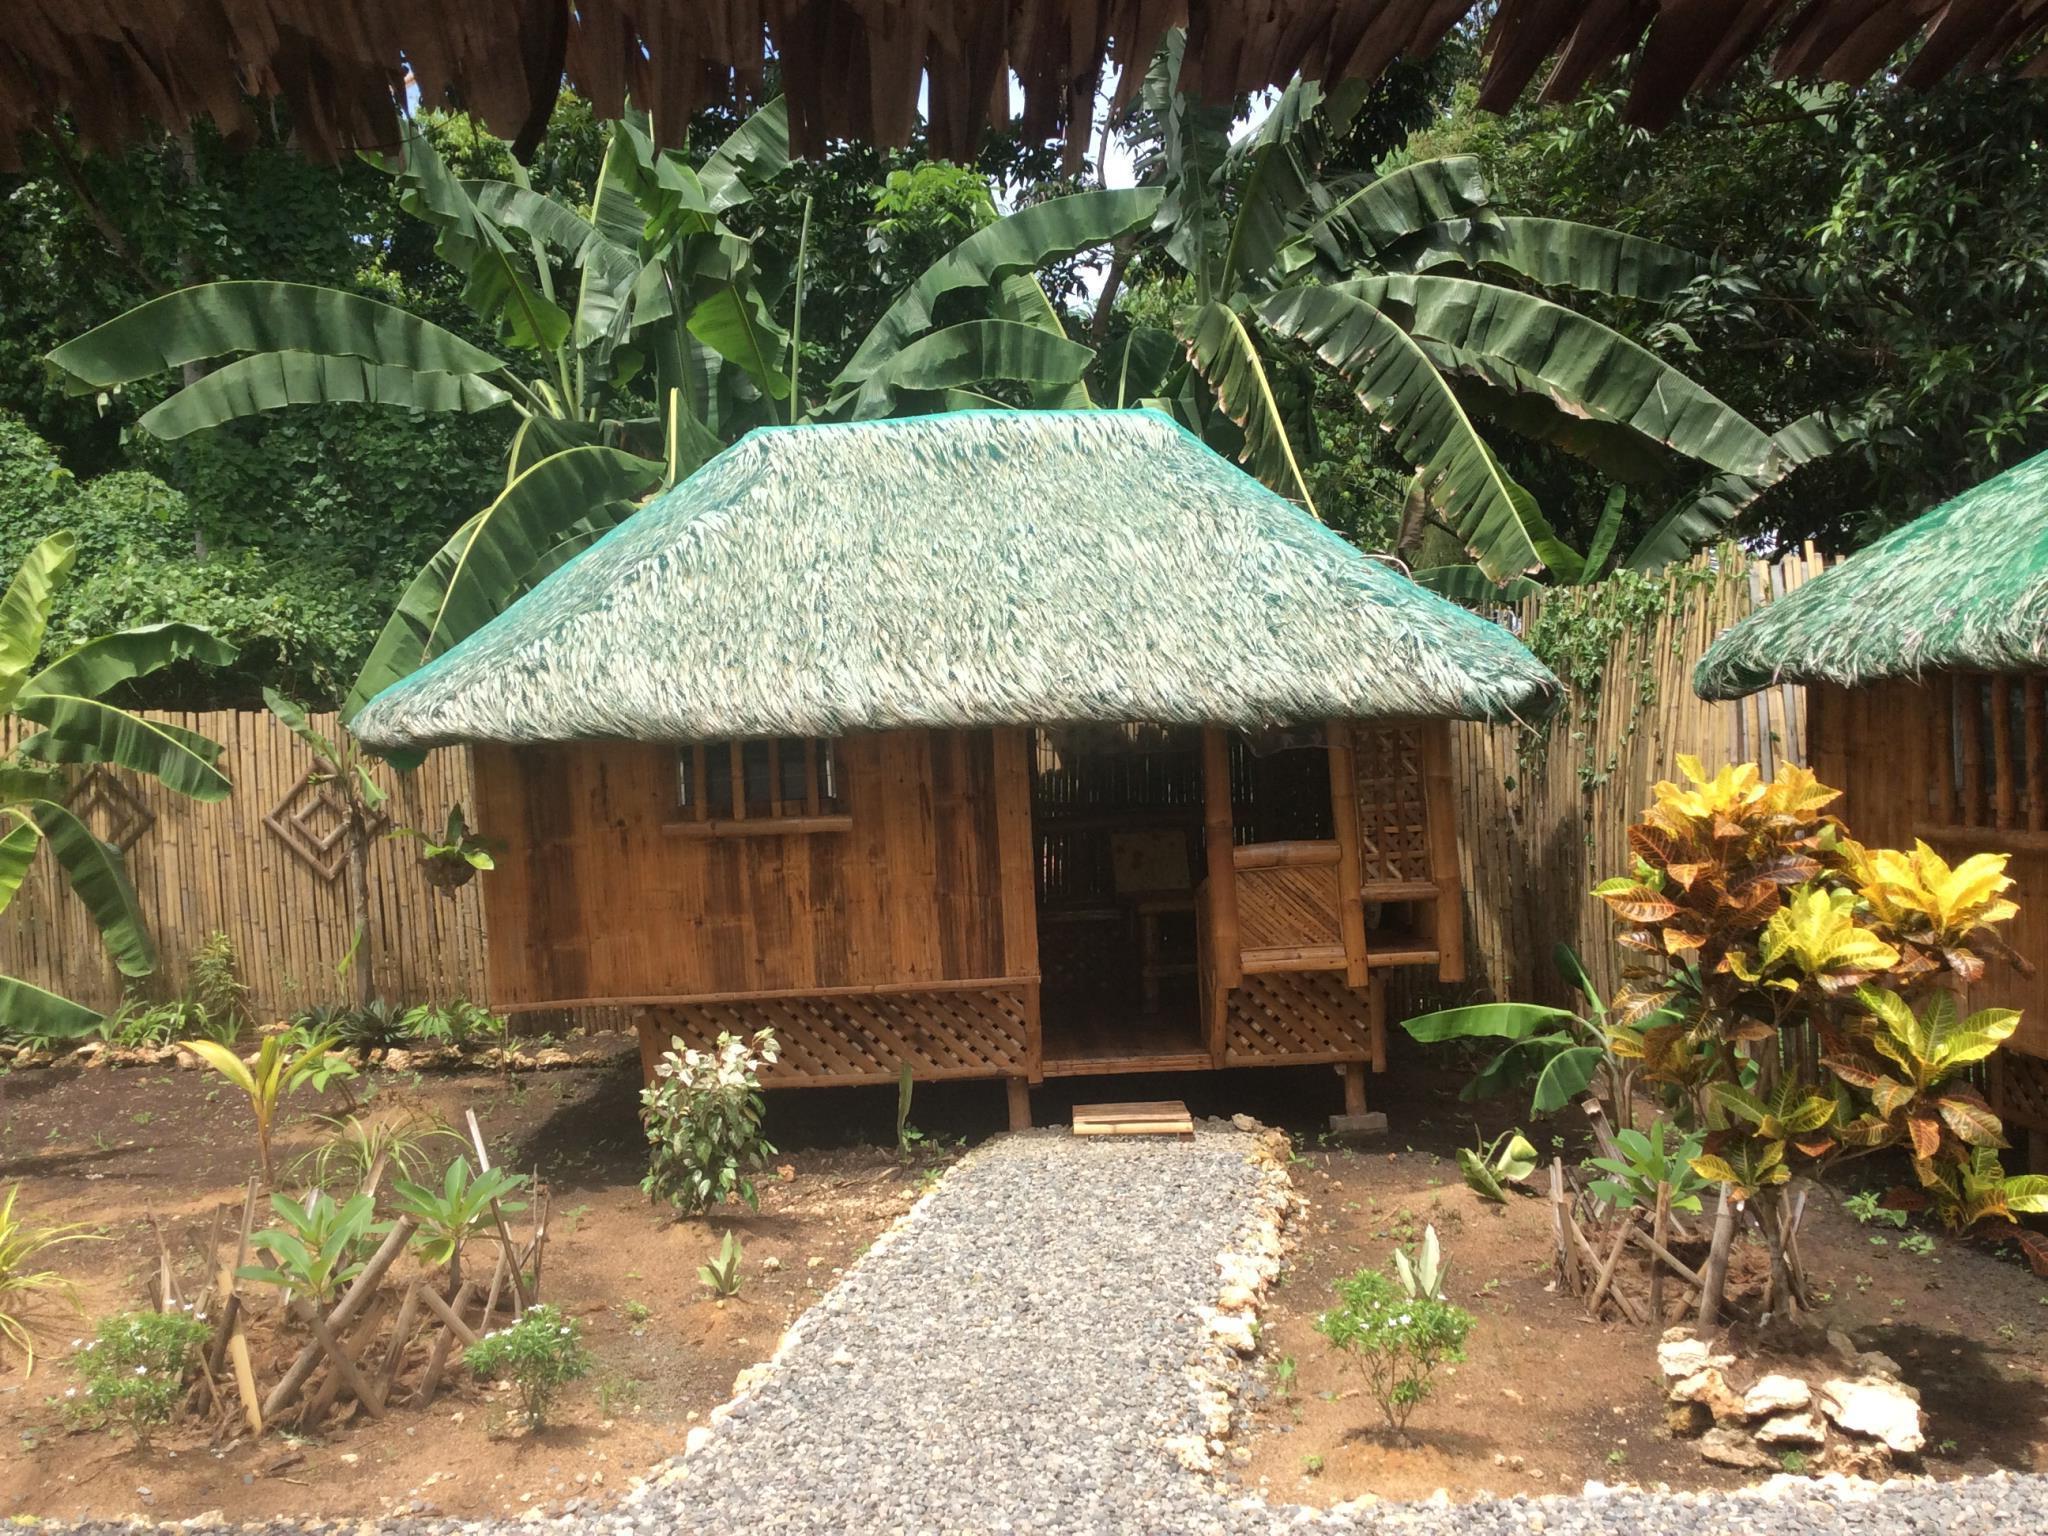 Adriana's Place